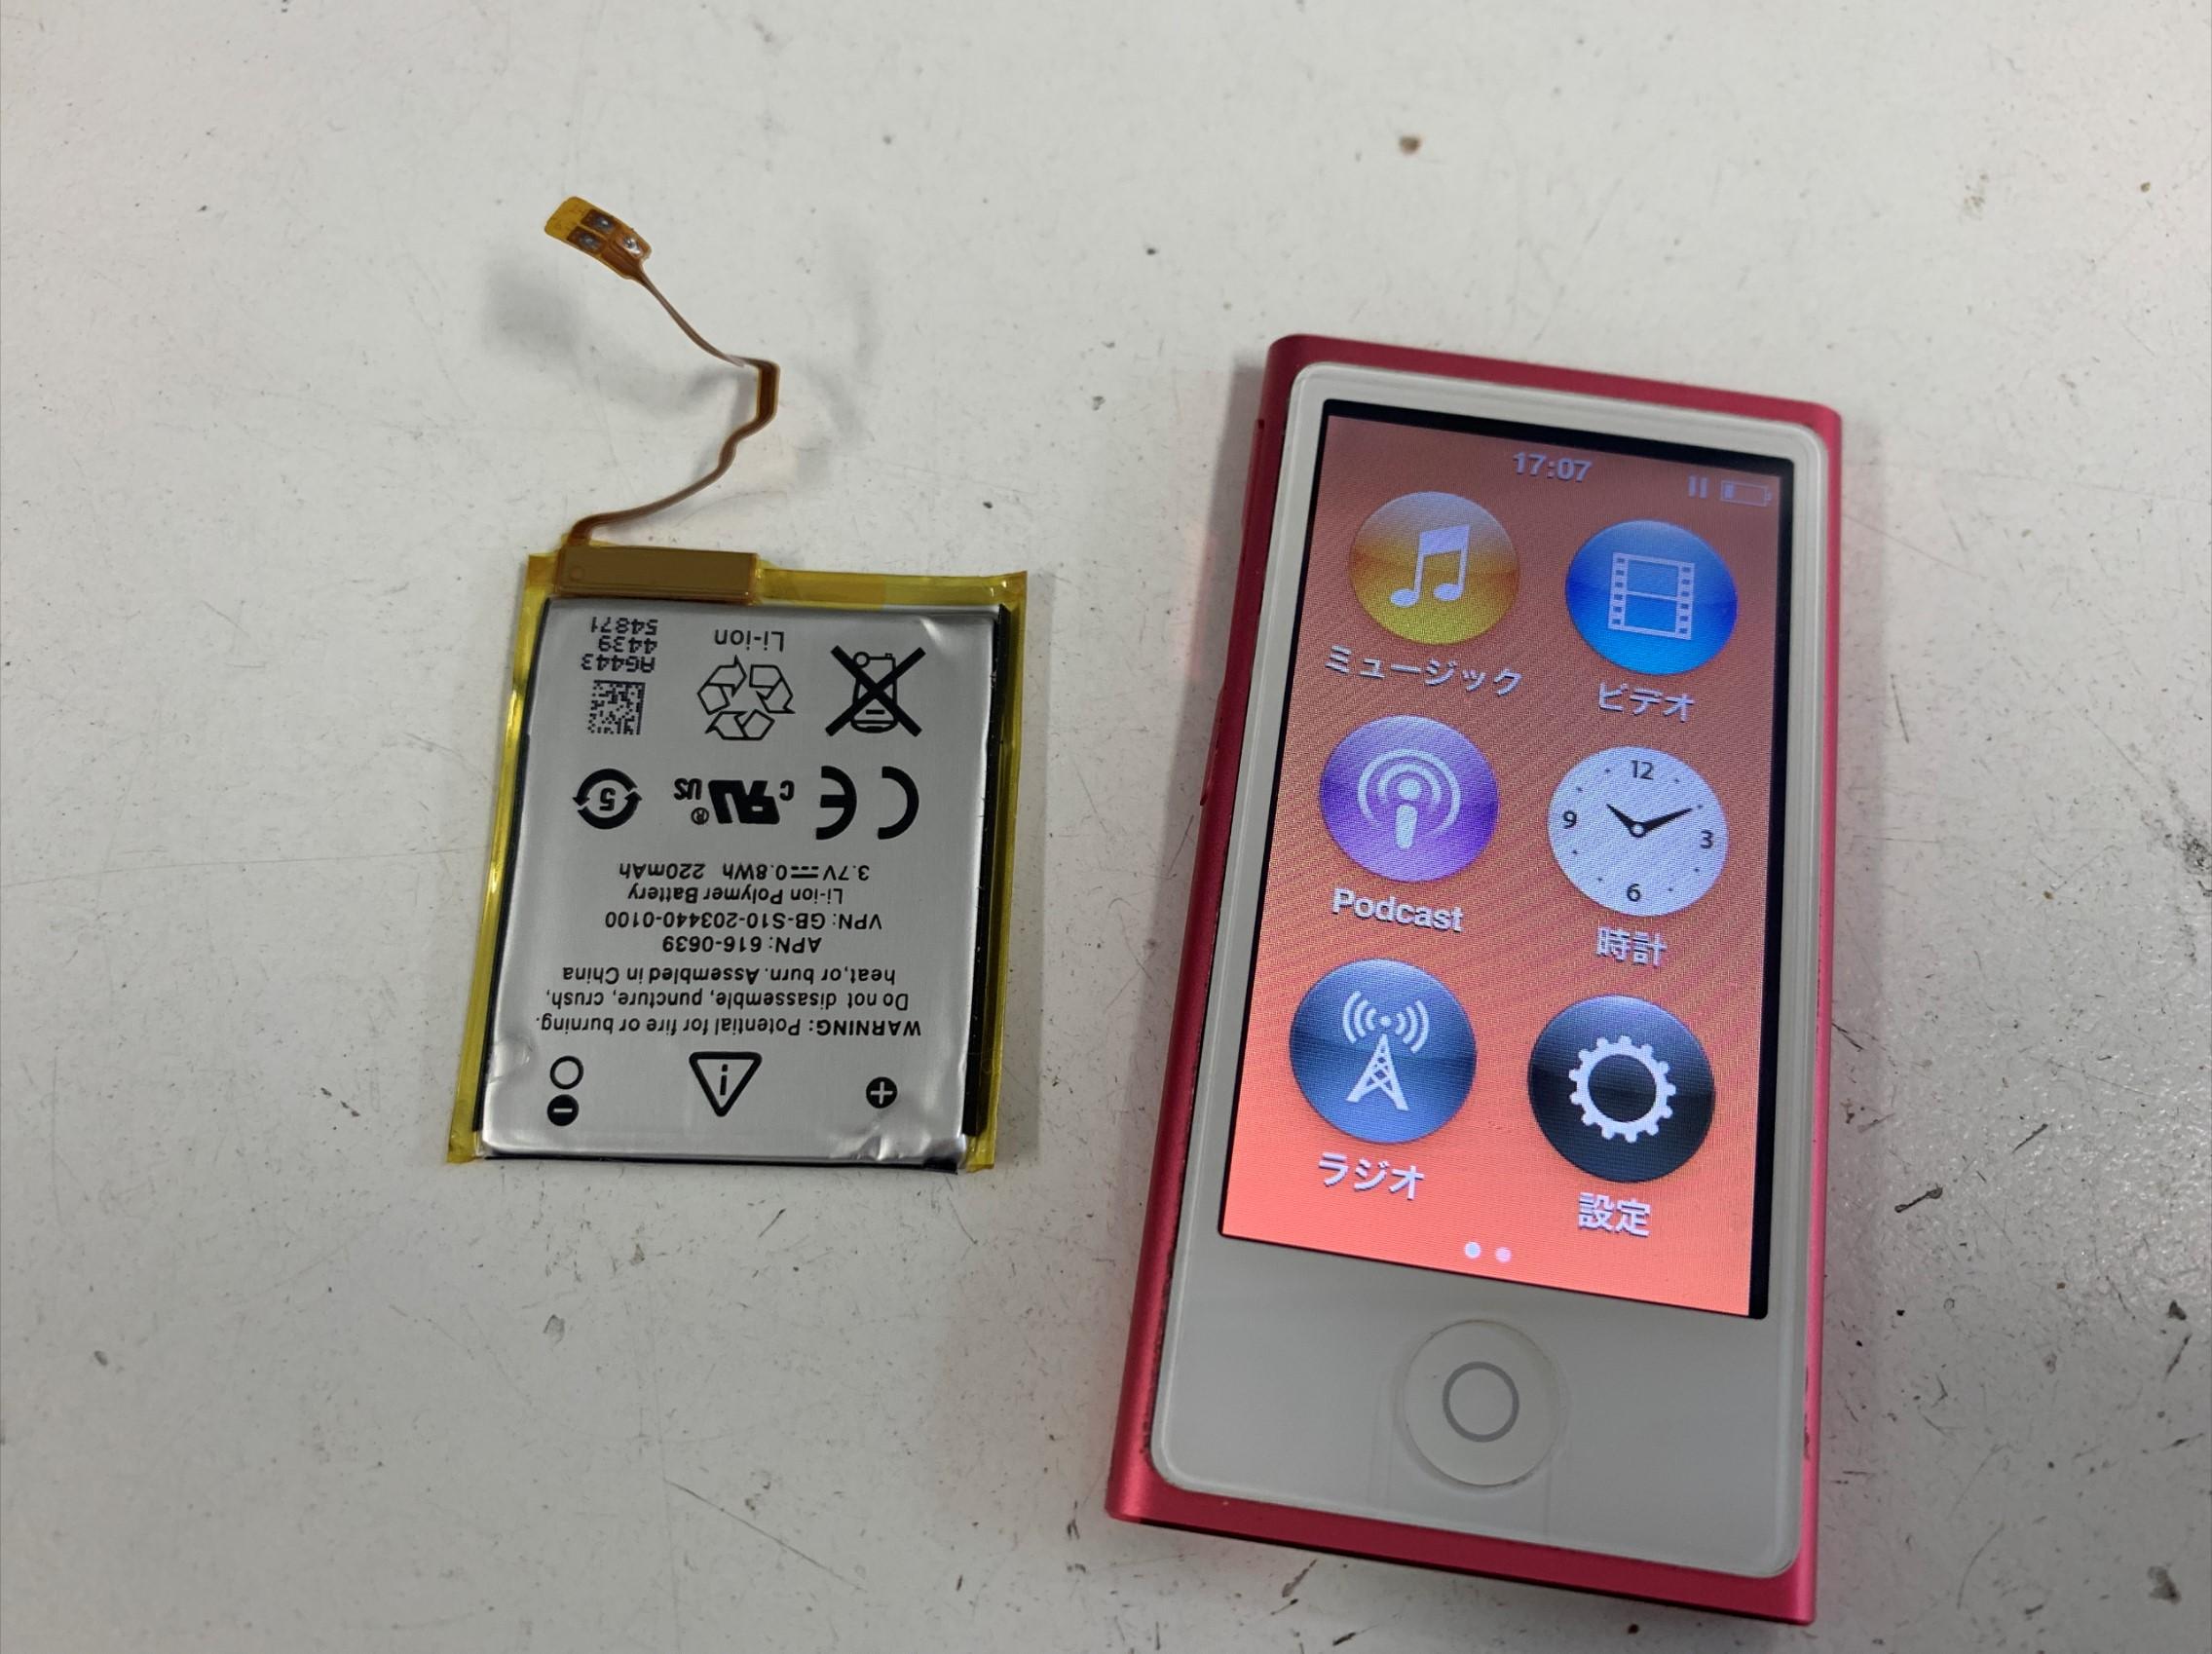 バッテリー新品交換後のiPod nano 第7世代